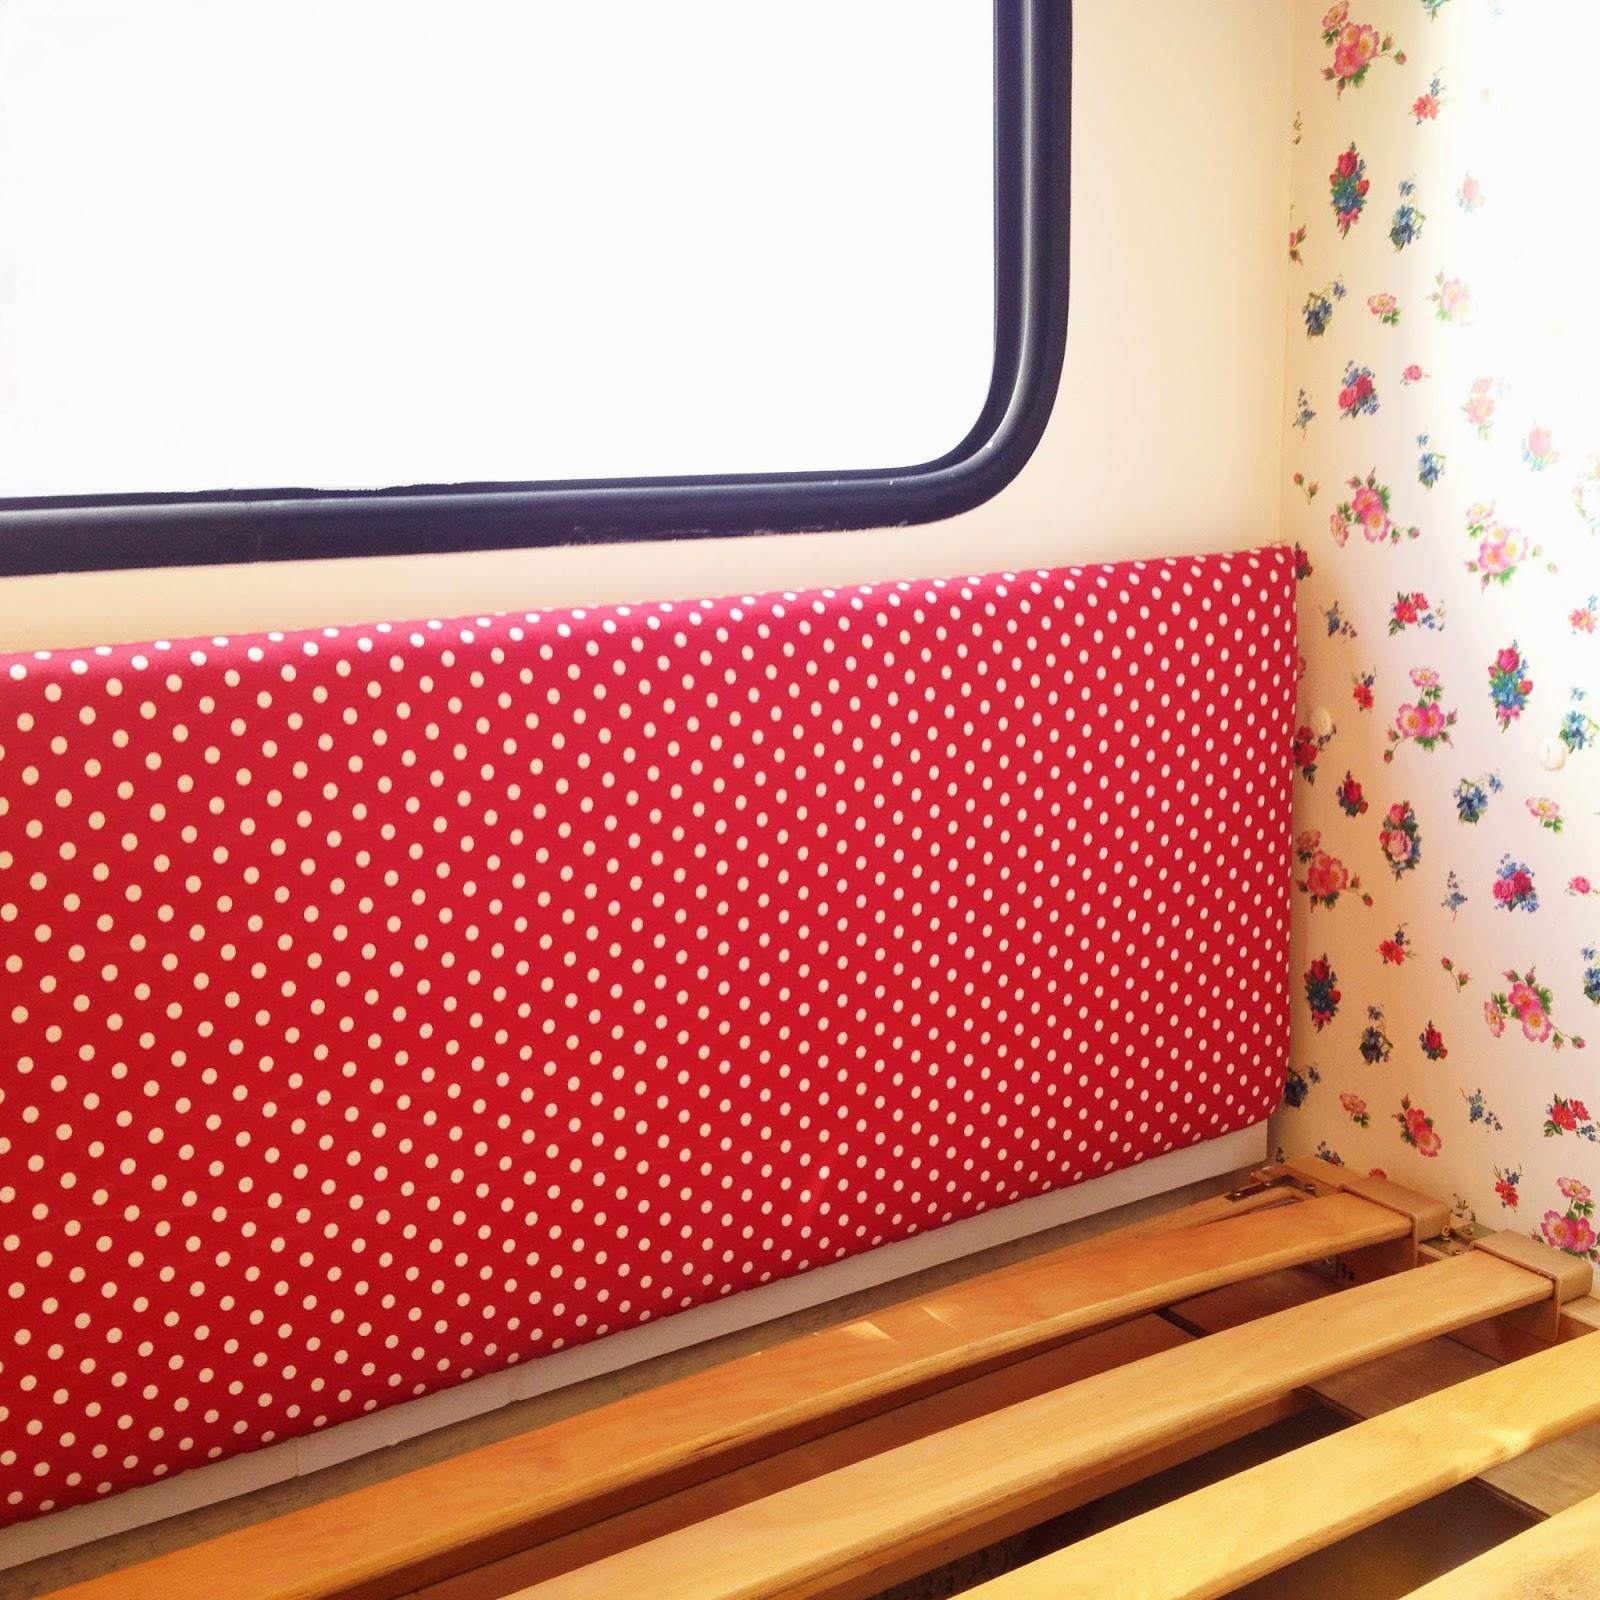 lolo und theo viel wei e farbe bunte blumen und h bsches vom flohmarkt. Black Bedroom Furniture Sets. Home Design Ideas